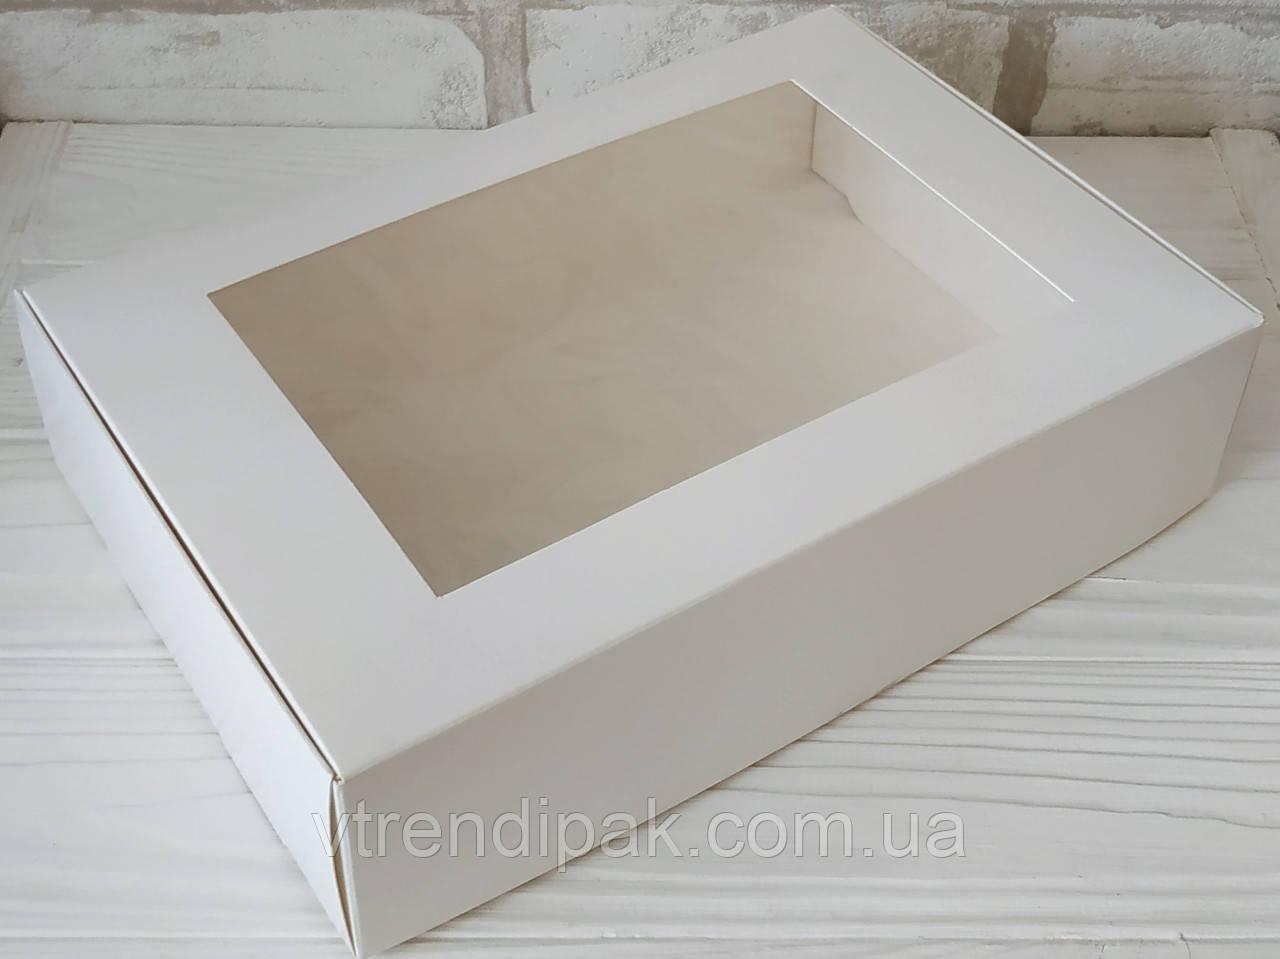 Коробка  для десертів, тістечок, еклерів 265*180*65 з мелованого картону з вікном ПВХ-плівка